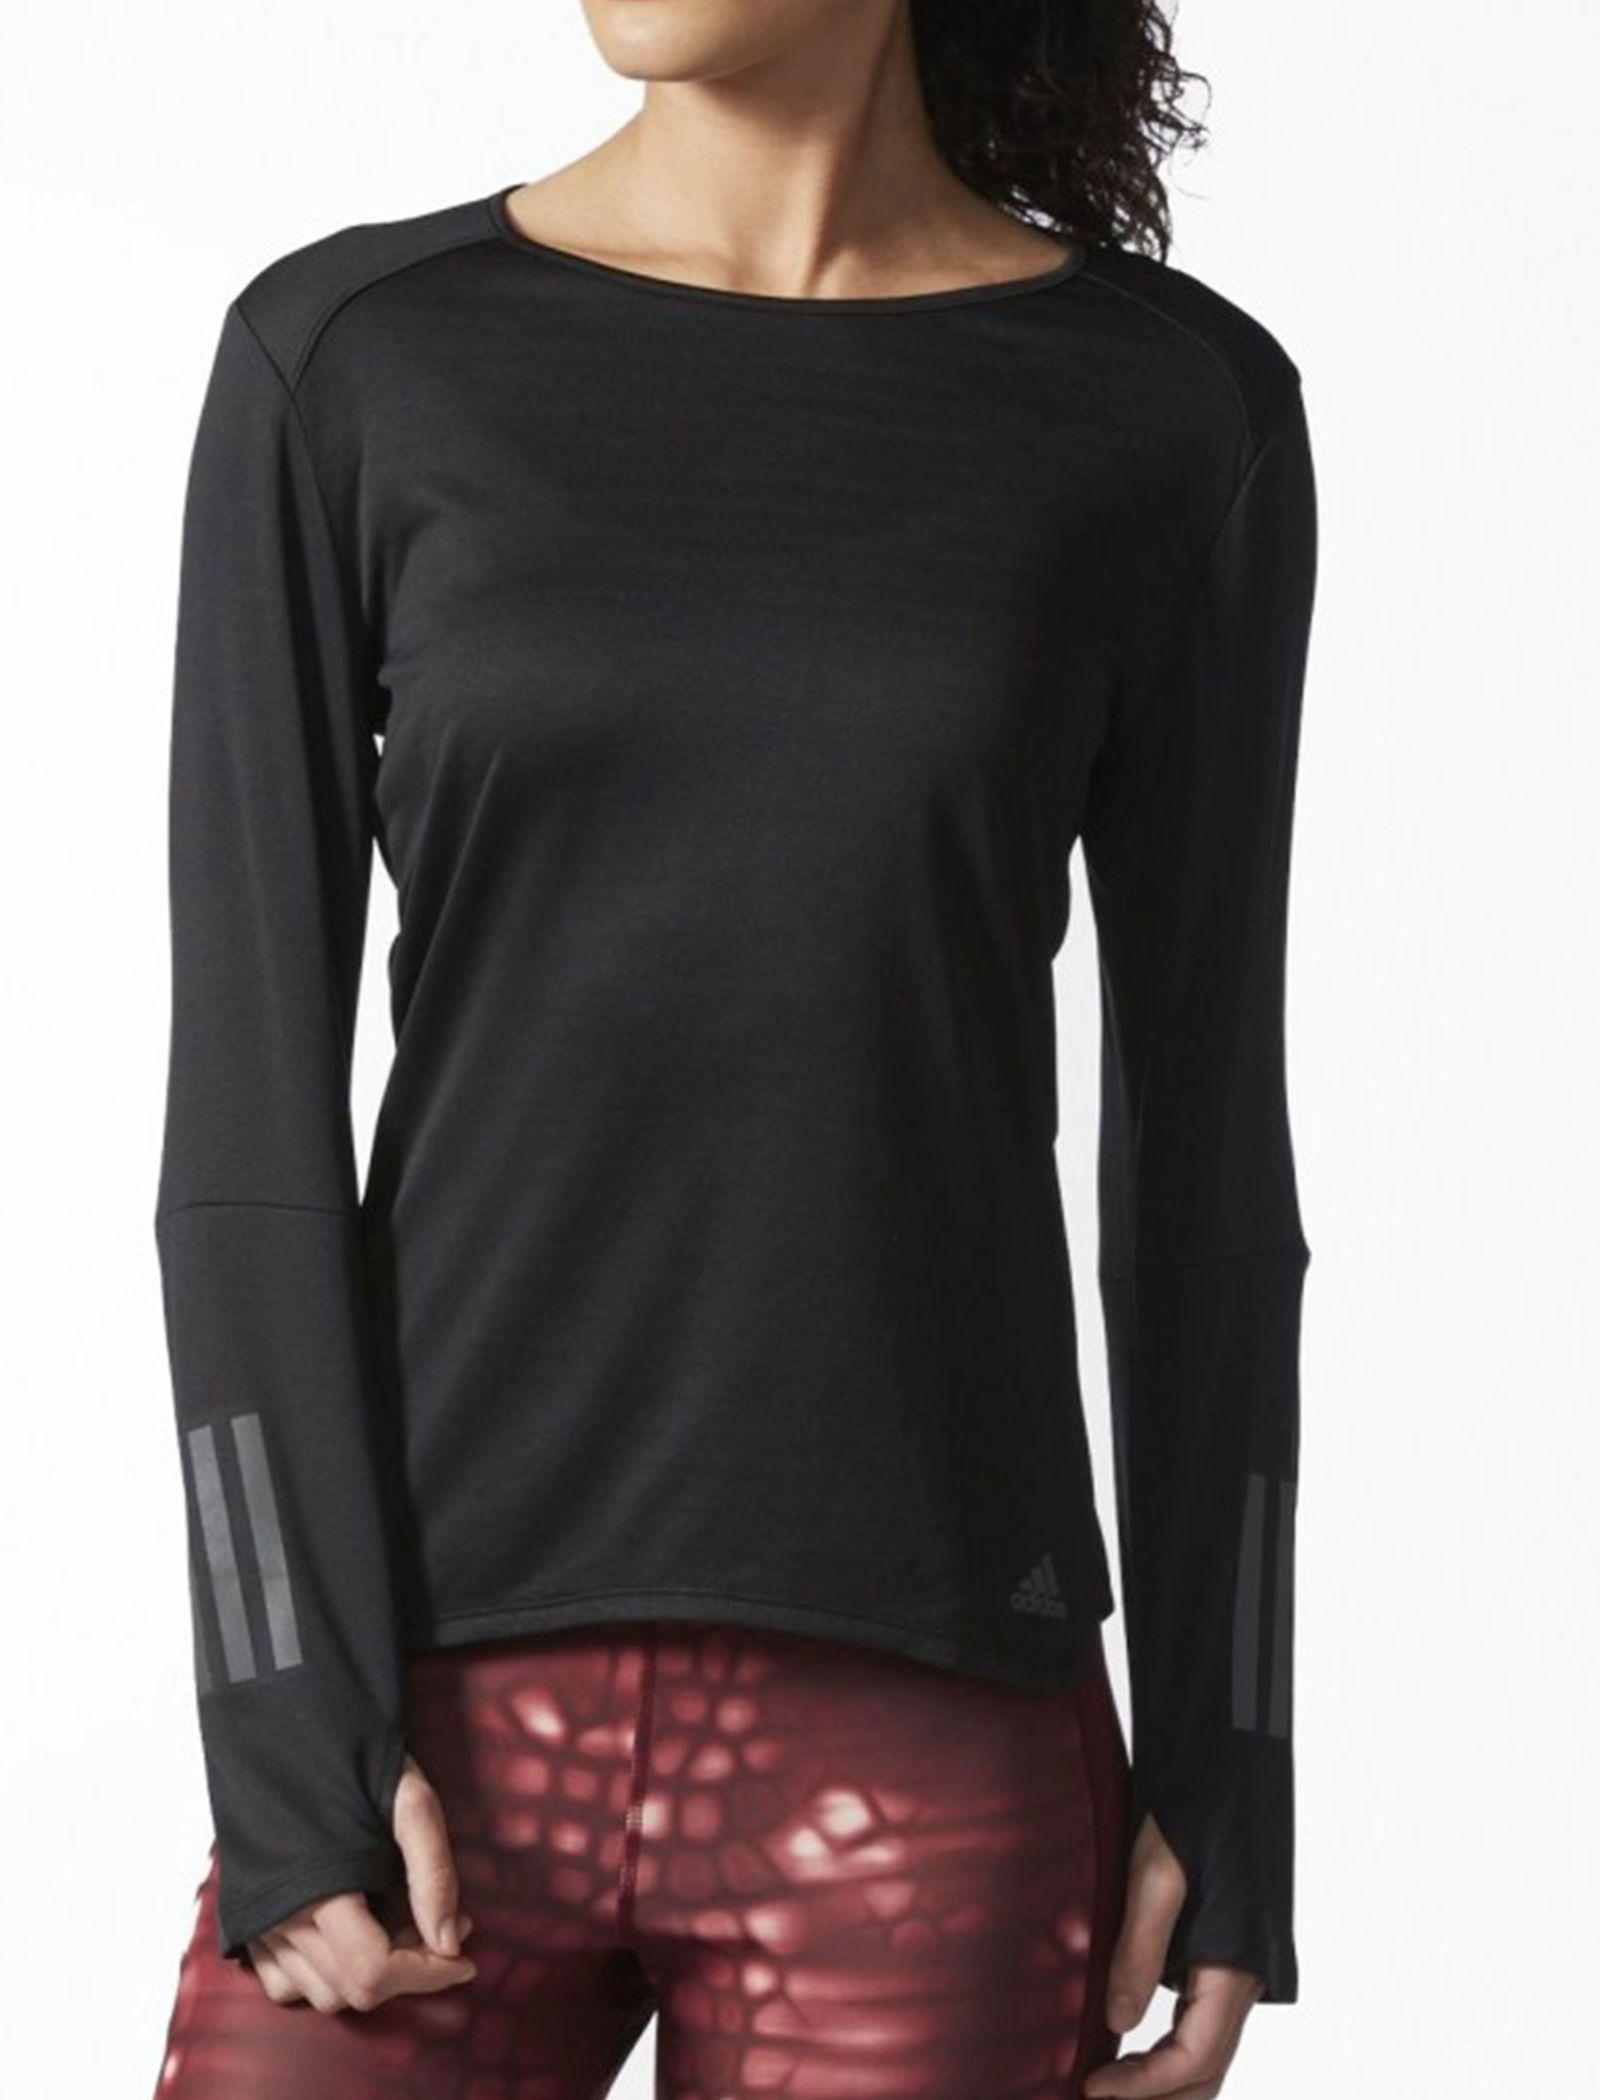 تی شرت ورزشی آستین بلند زنانه Response - آدیداس - مشکي - 3